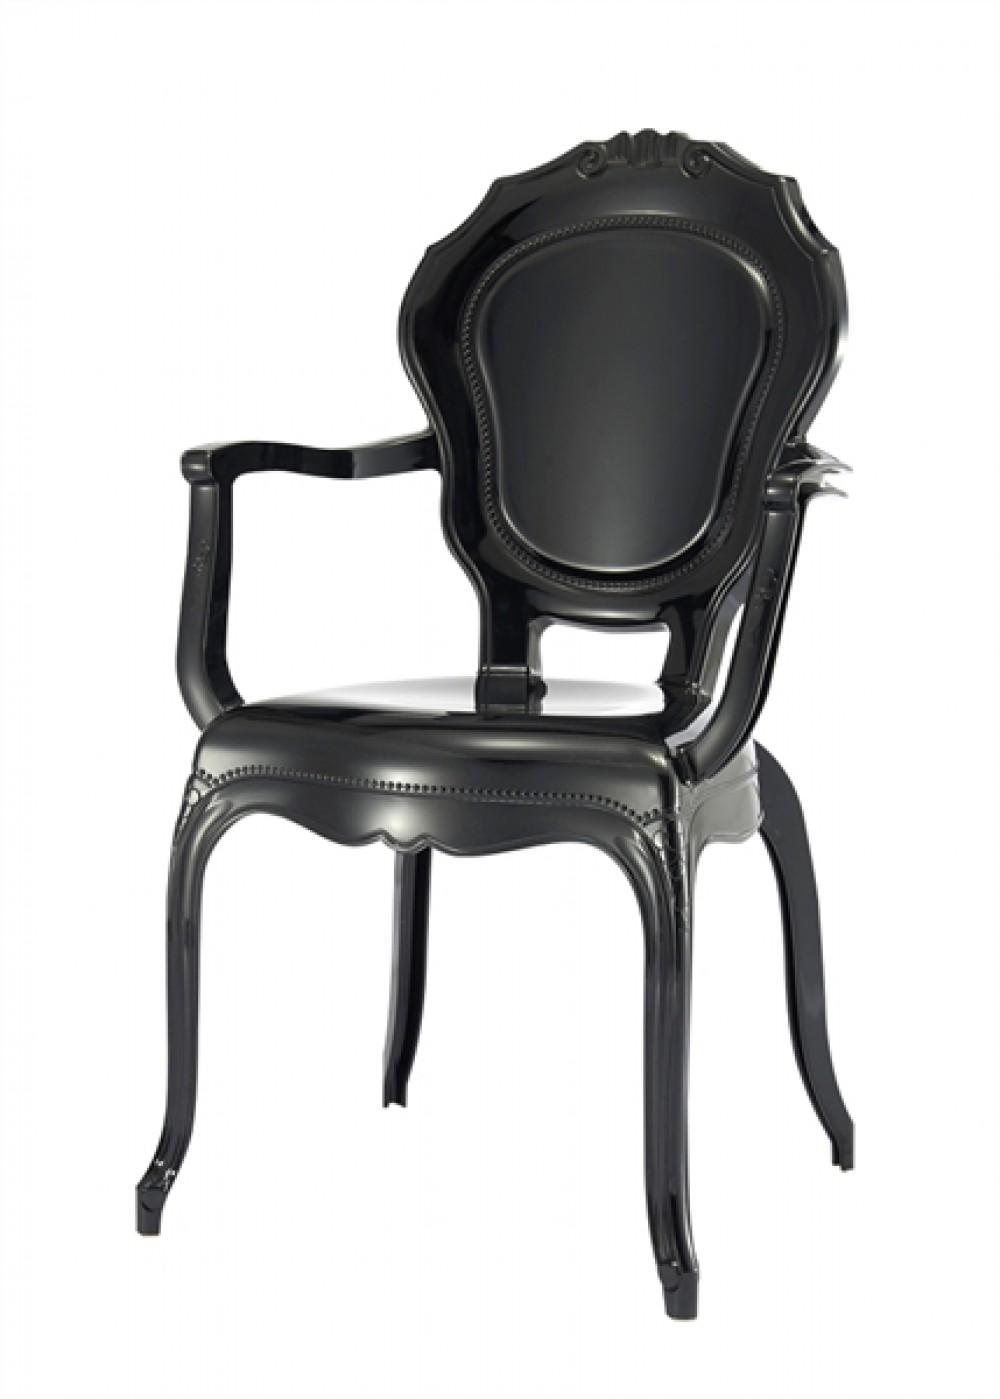 stuhl barock schwarz aus kunststoff st hle landhaus stil m bel. Black Bedroom Furniture Sets. Home Design Ideas